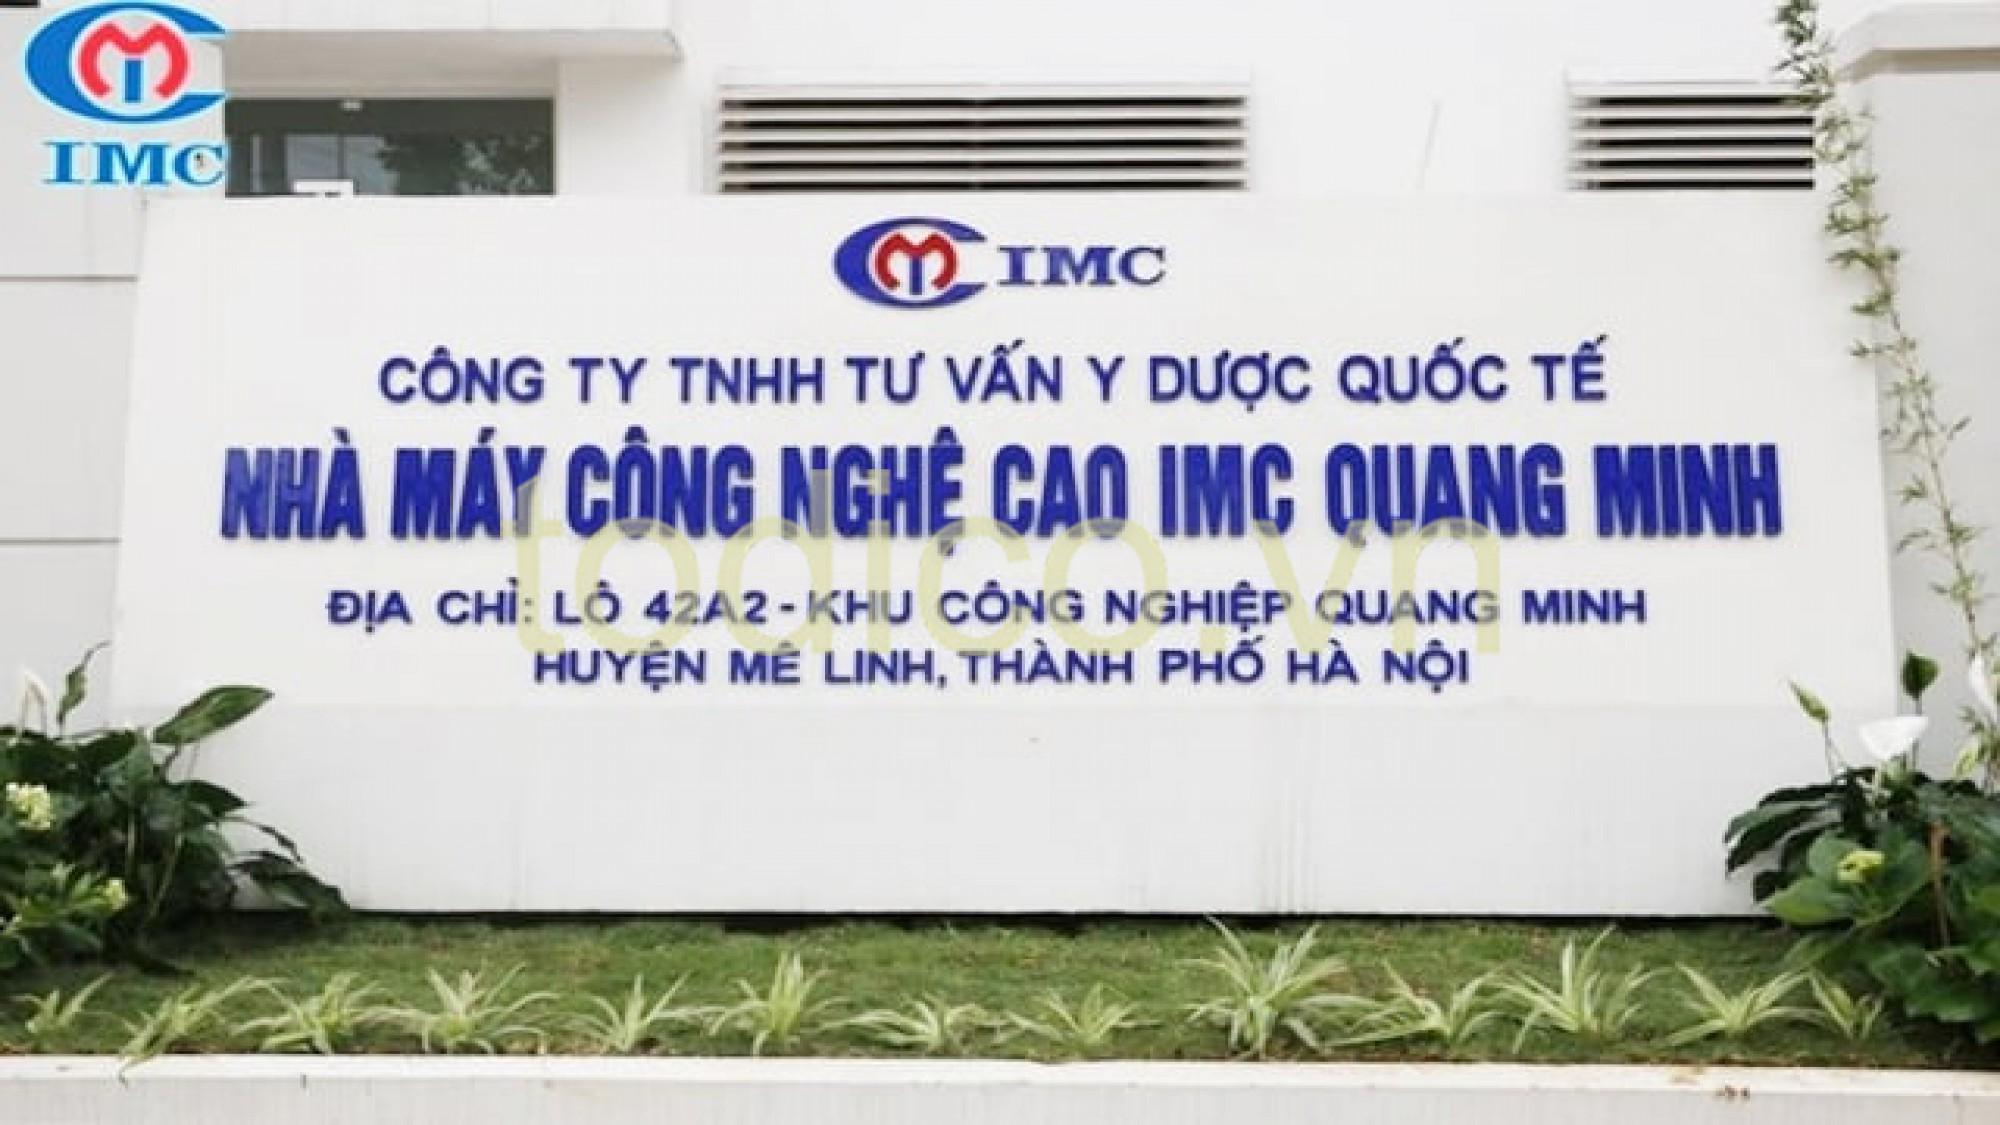 Hệ thống xử lý nước RO 2 cấp - Y Dược Quốc Tế IMC